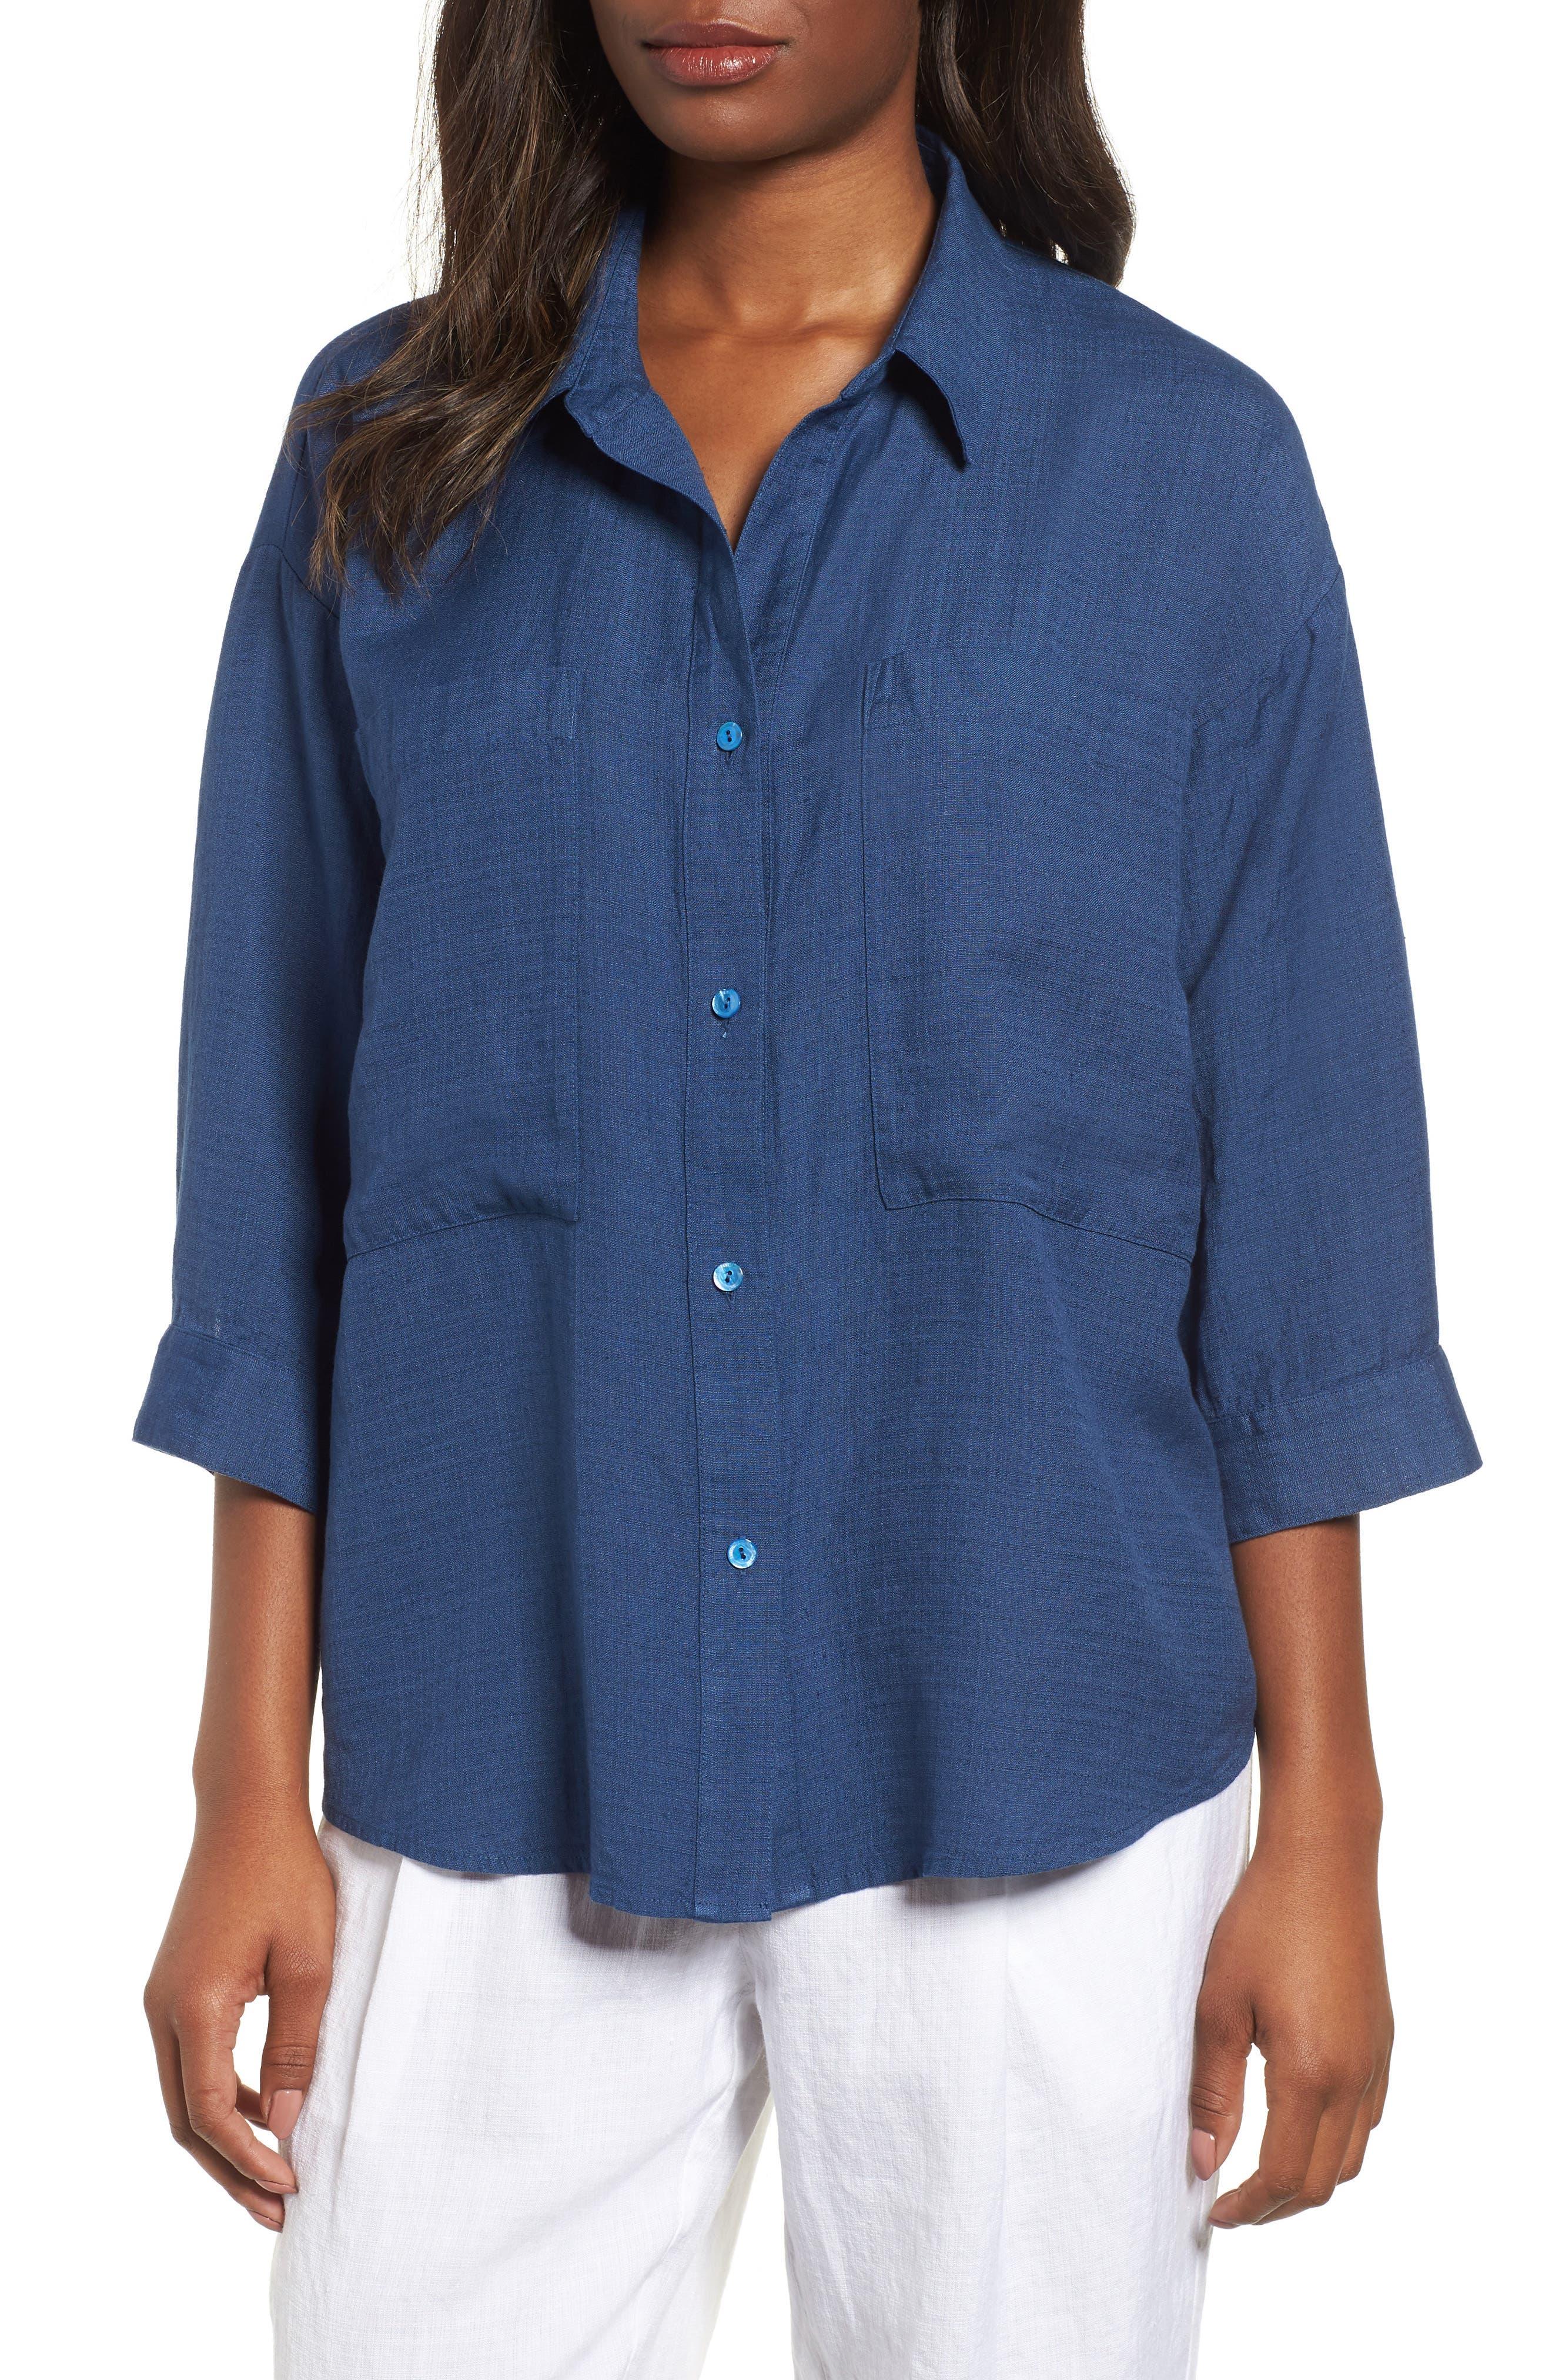 Eileen Fisher Woven Linen Blend Blouse (Regular & Petite)